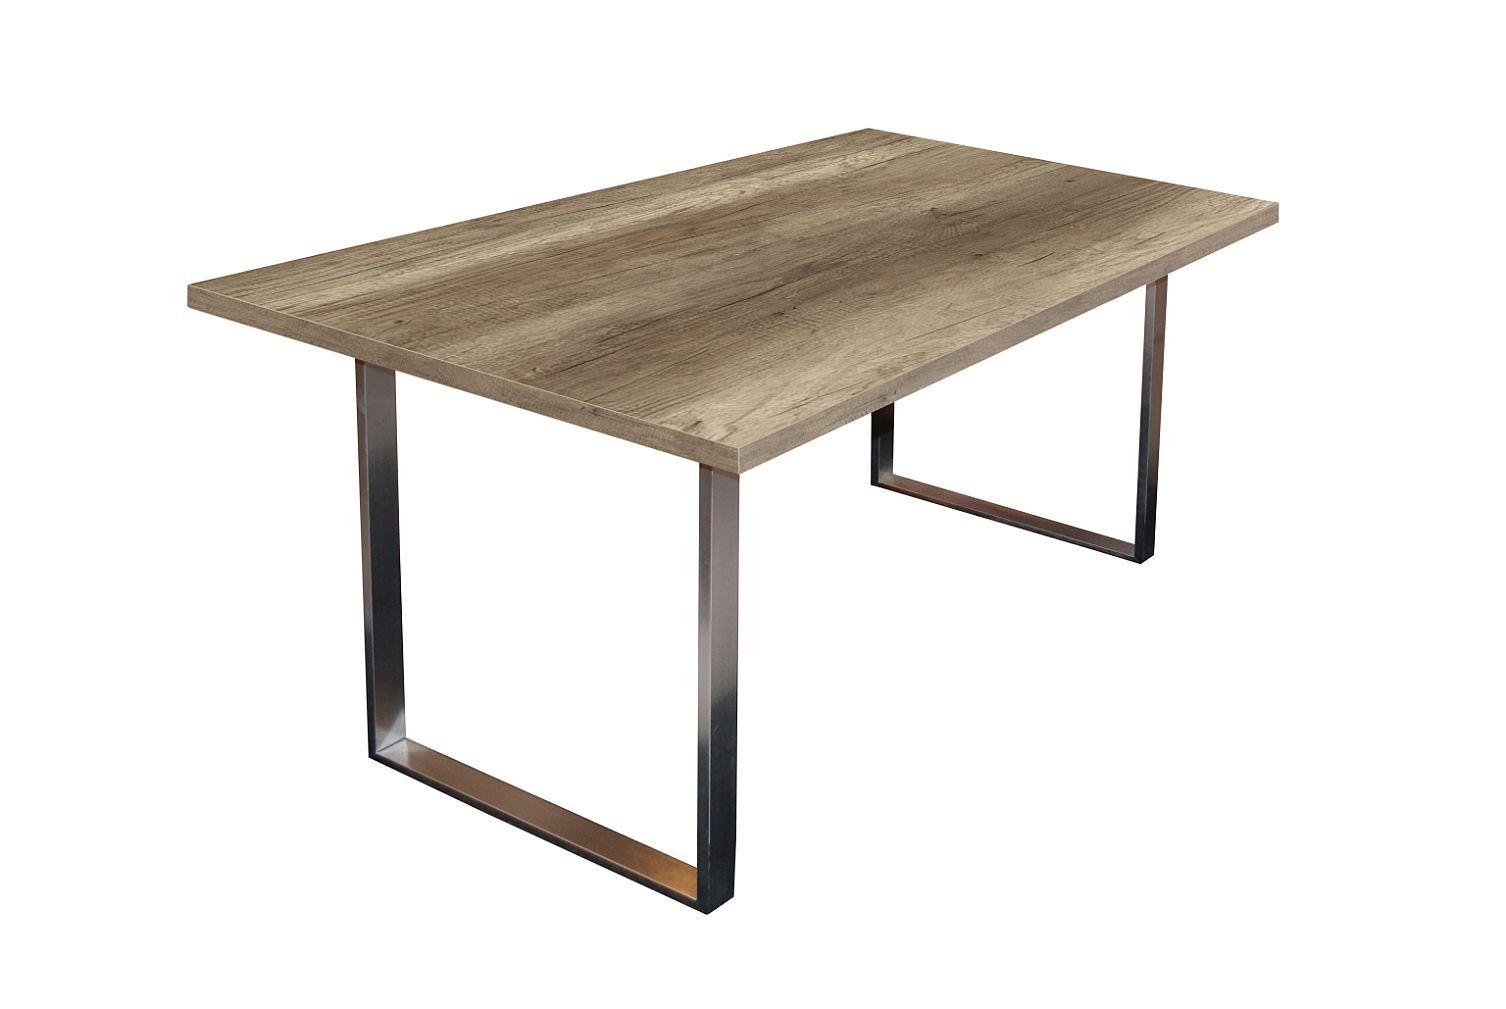 Steel Esstisch 0546/160-90 wildeiche trüffel